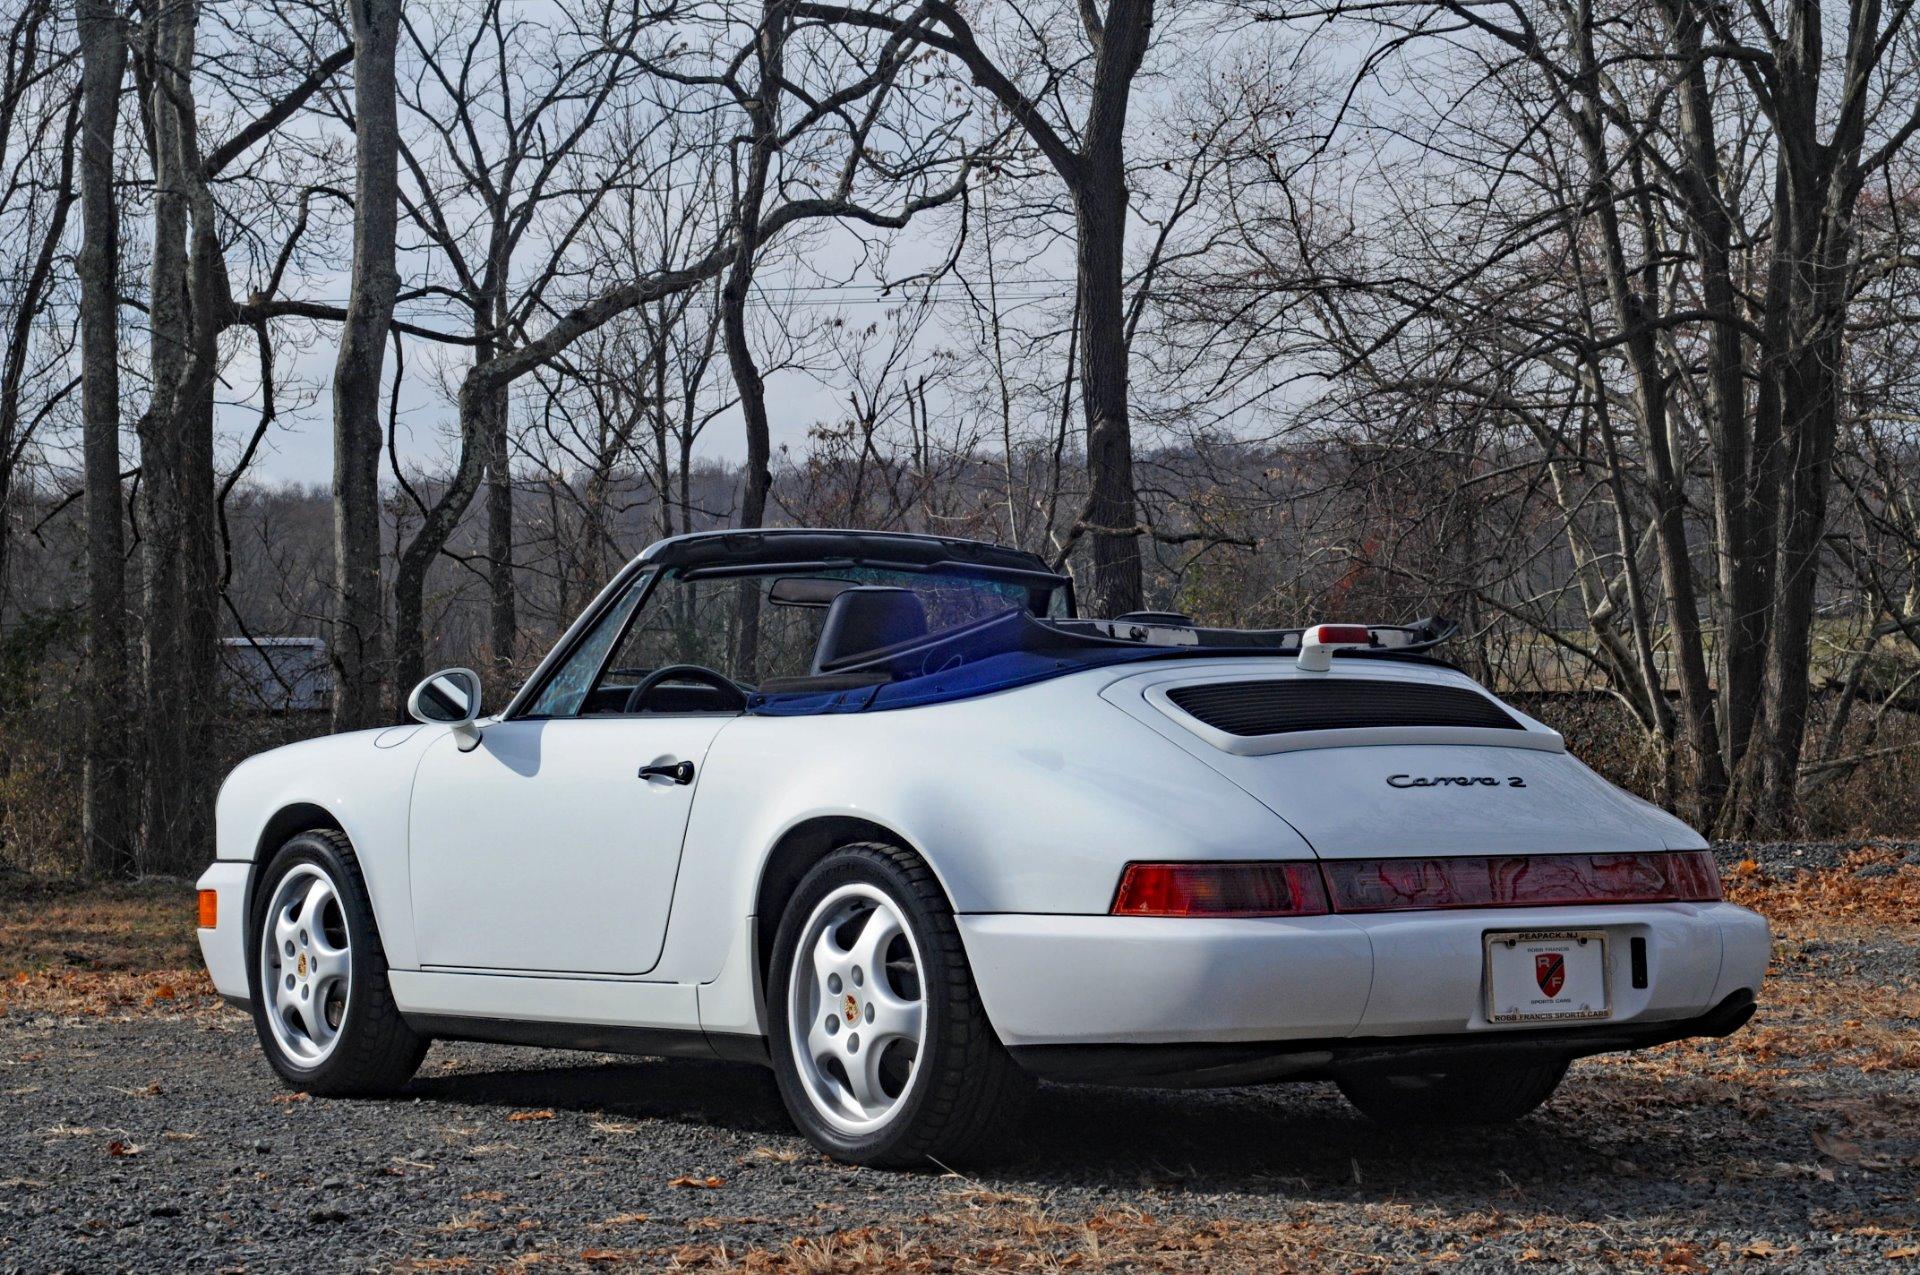 Used-1993-Porsche-911-Carrera-2-Cabriolet